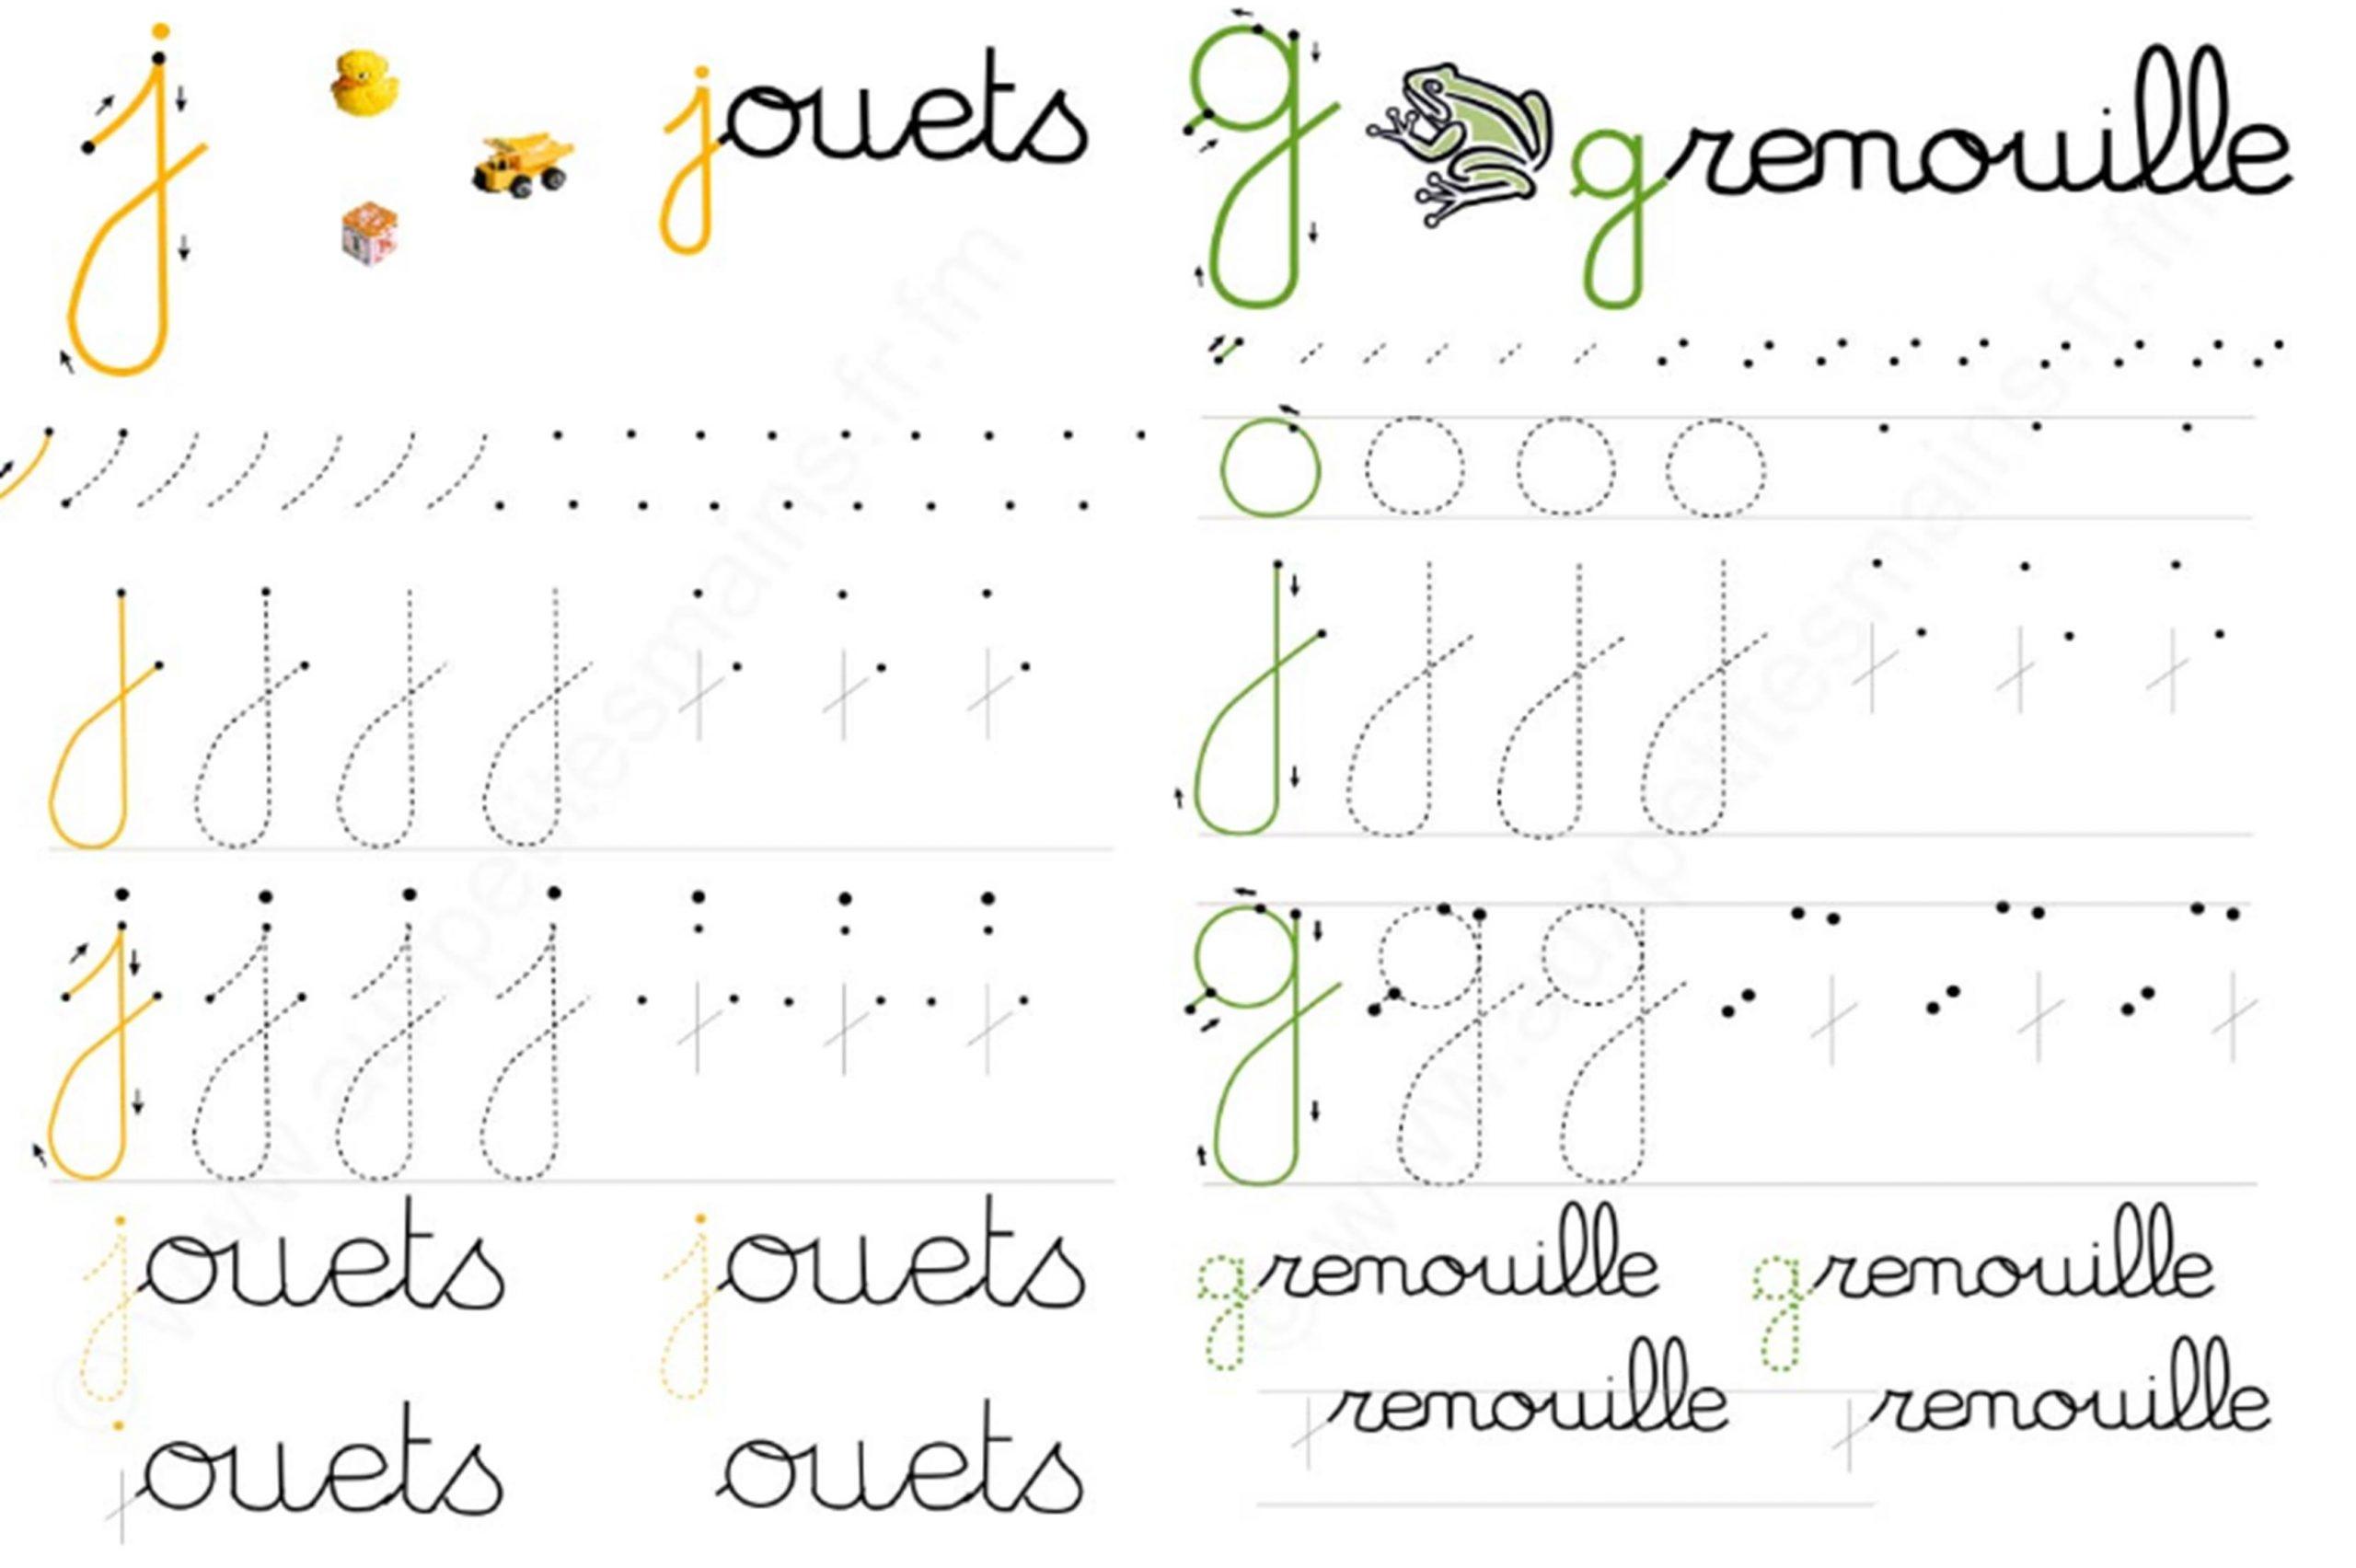 Fichier D'écriture Grande Section   Le Blog De Monsieur Mathieu dedans Exercices Maternelle Grande Section En Ligne Gratuit